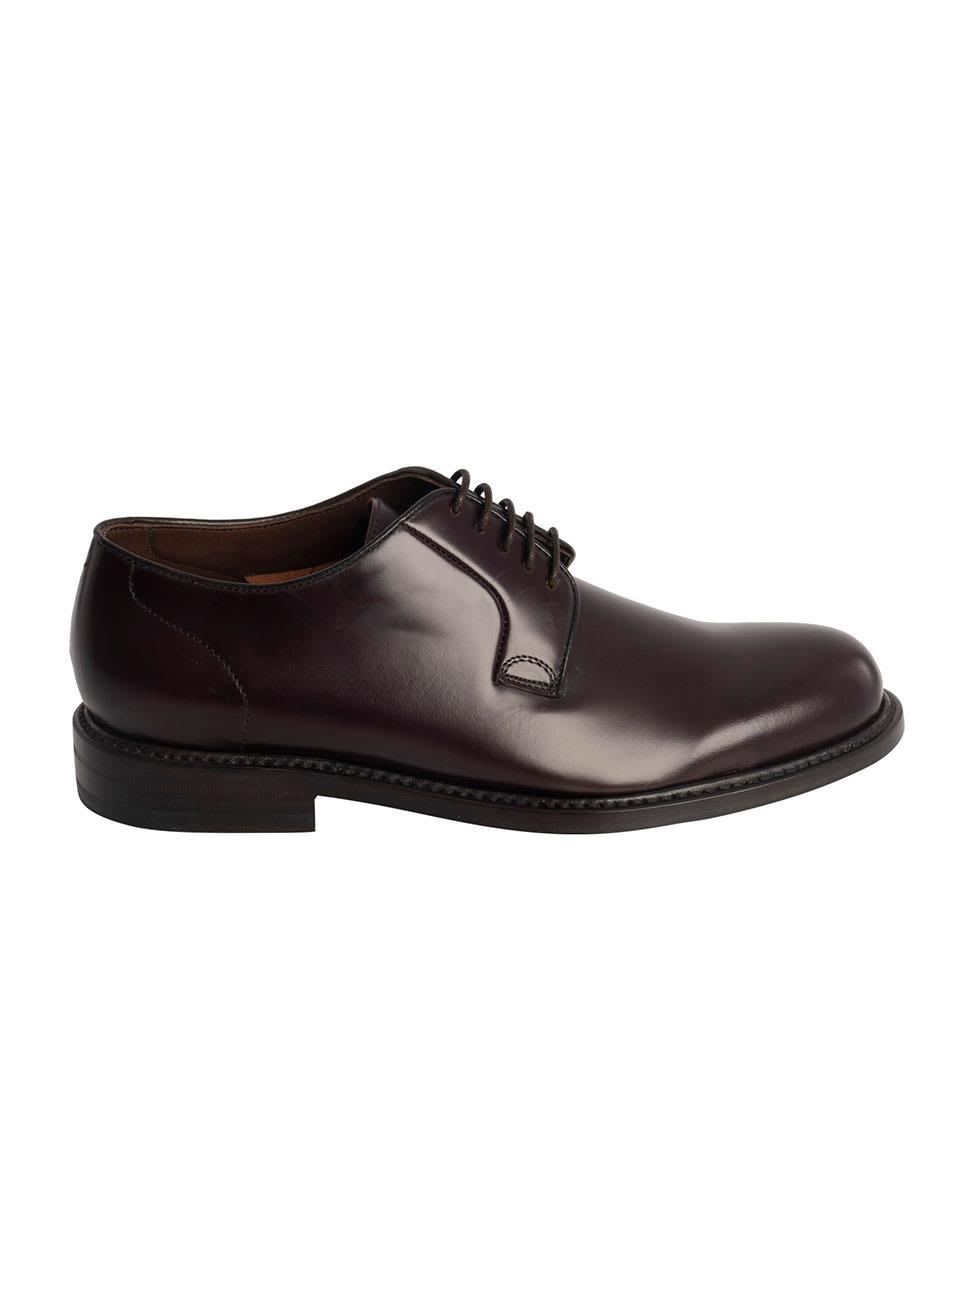 1707 Lace Up Shoes